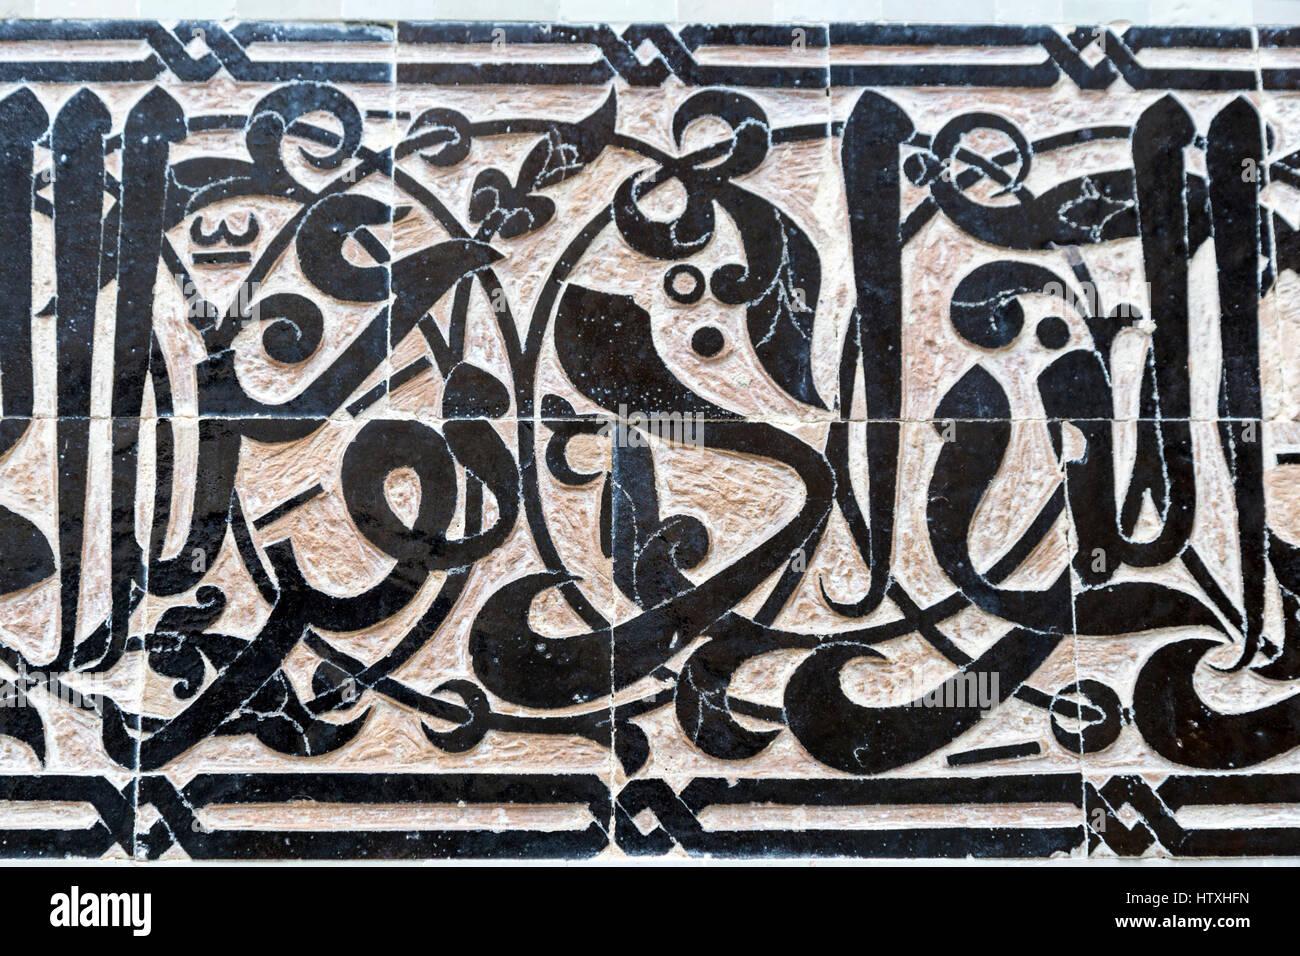 Fes marocco. medersa attarine 14th. secolo. la calligrafia araba